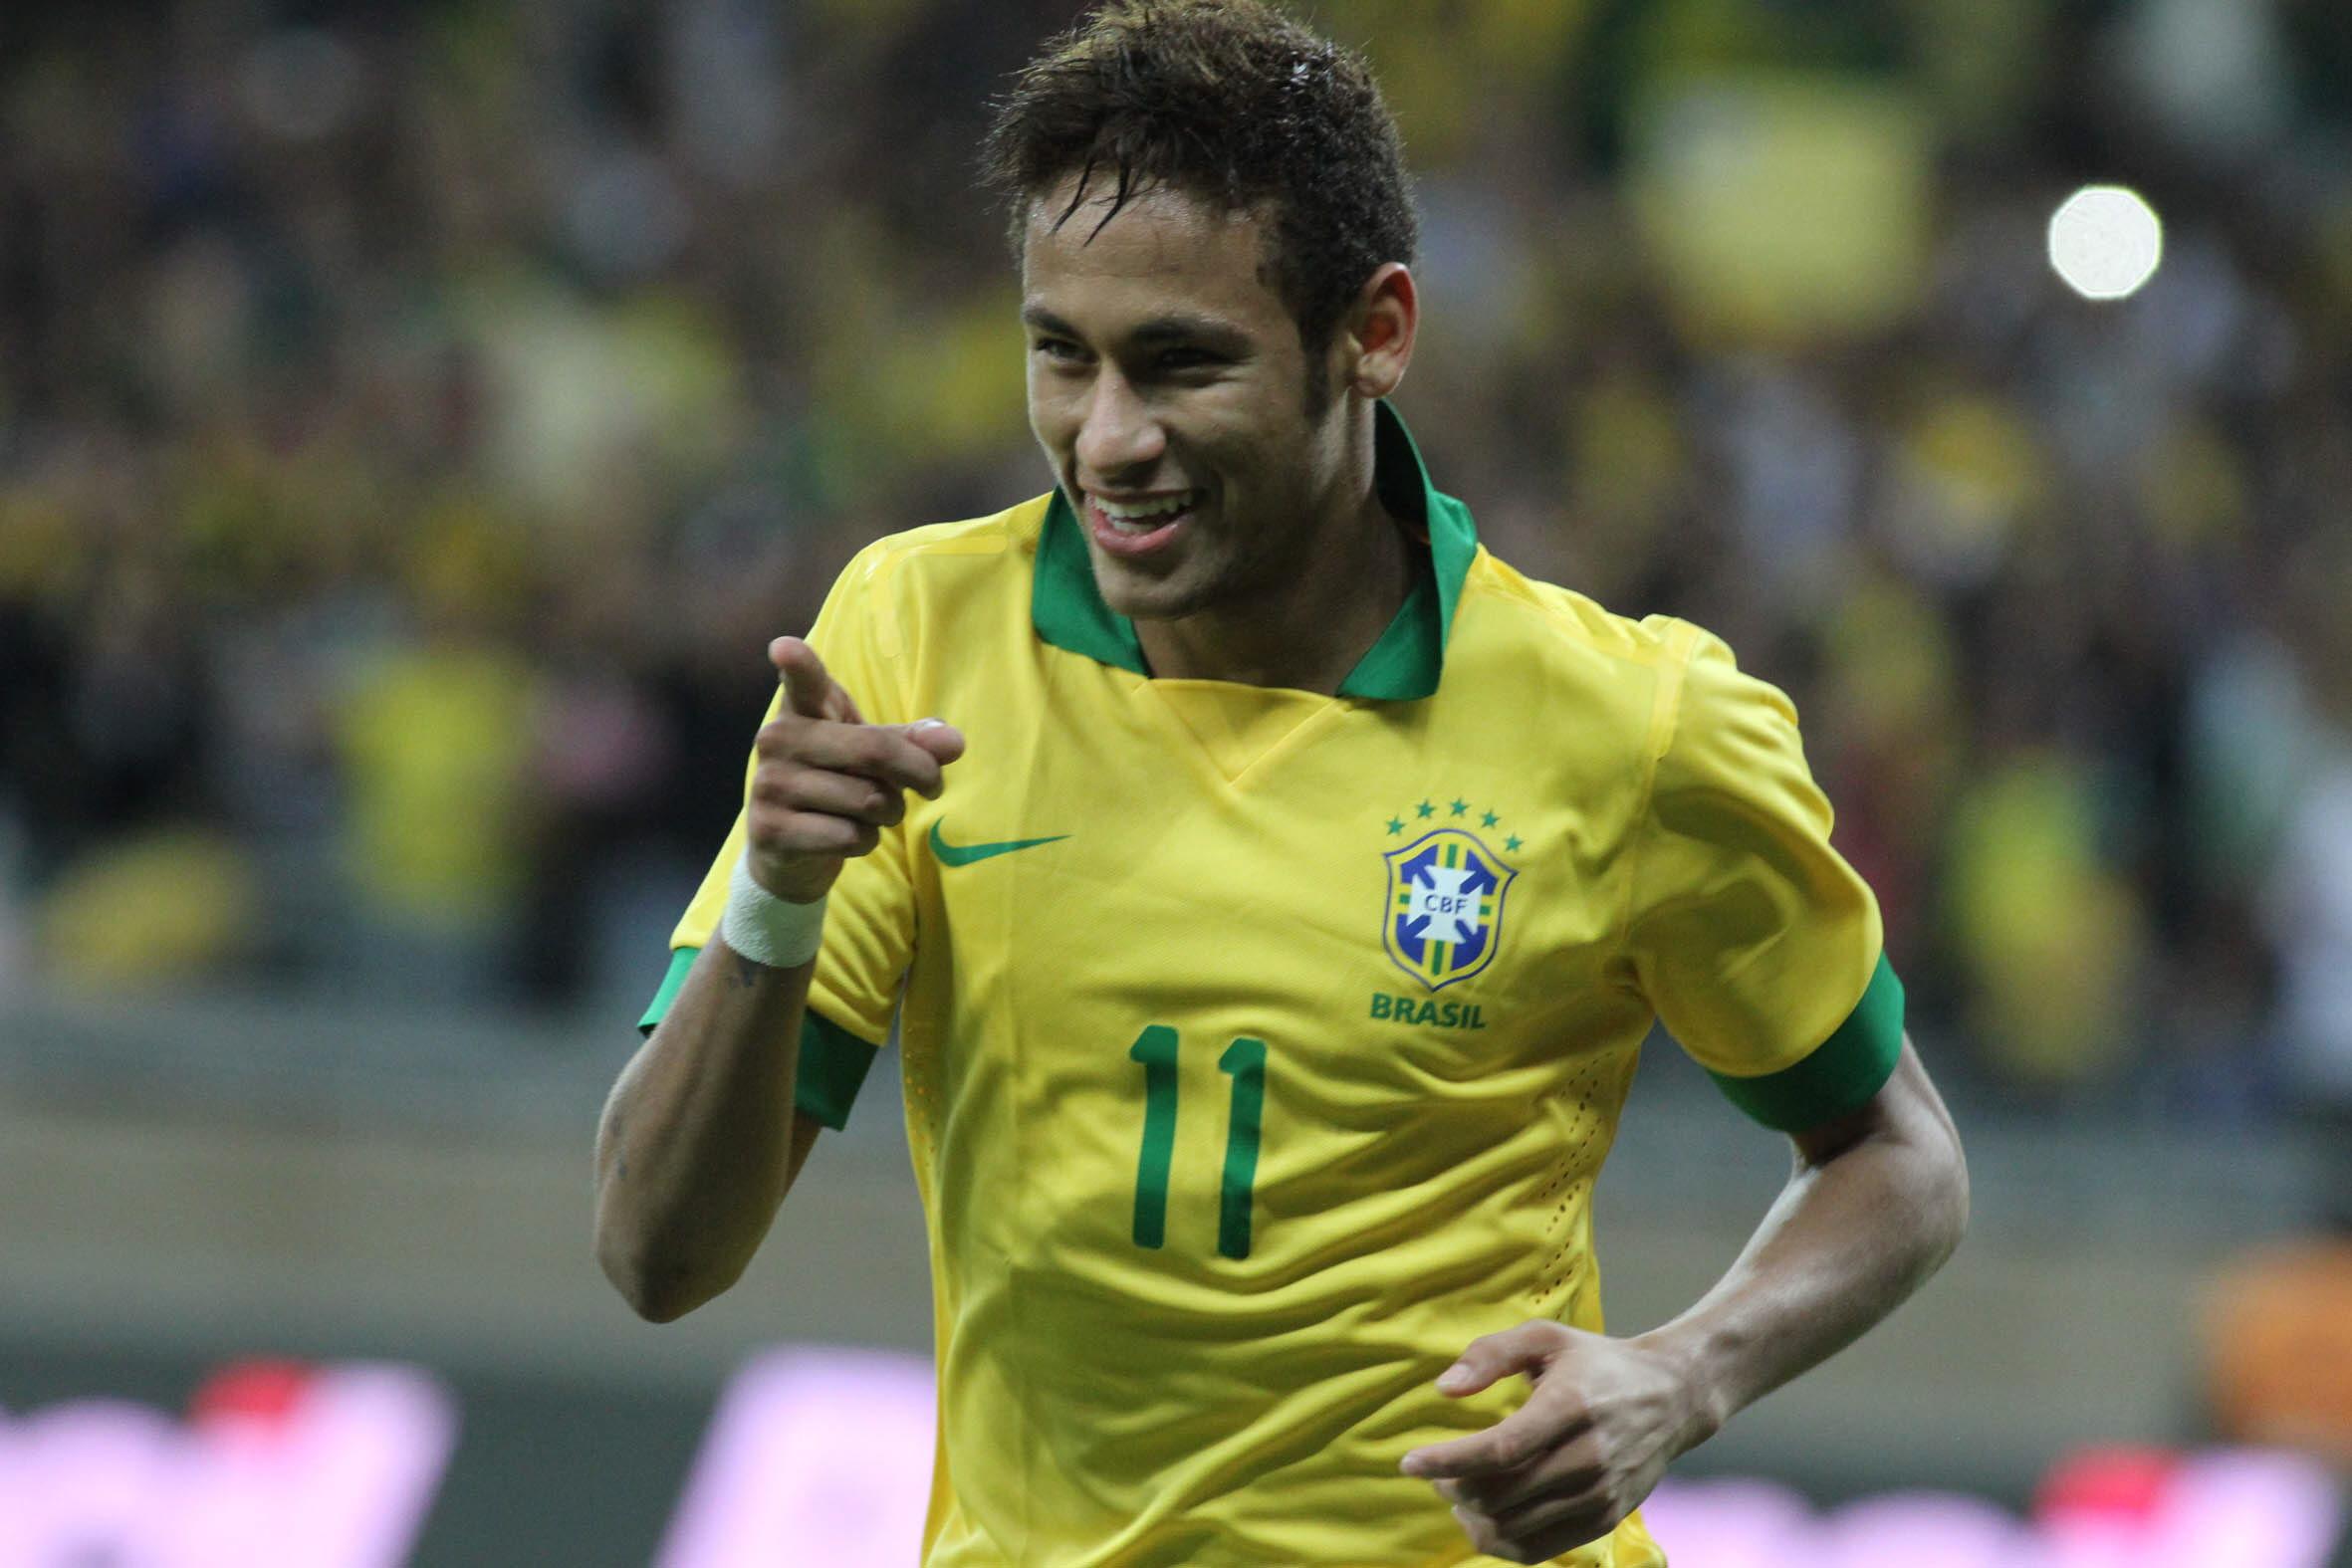 La Selección brasileña comienza un nuevo ciclo de la mano de Neymar